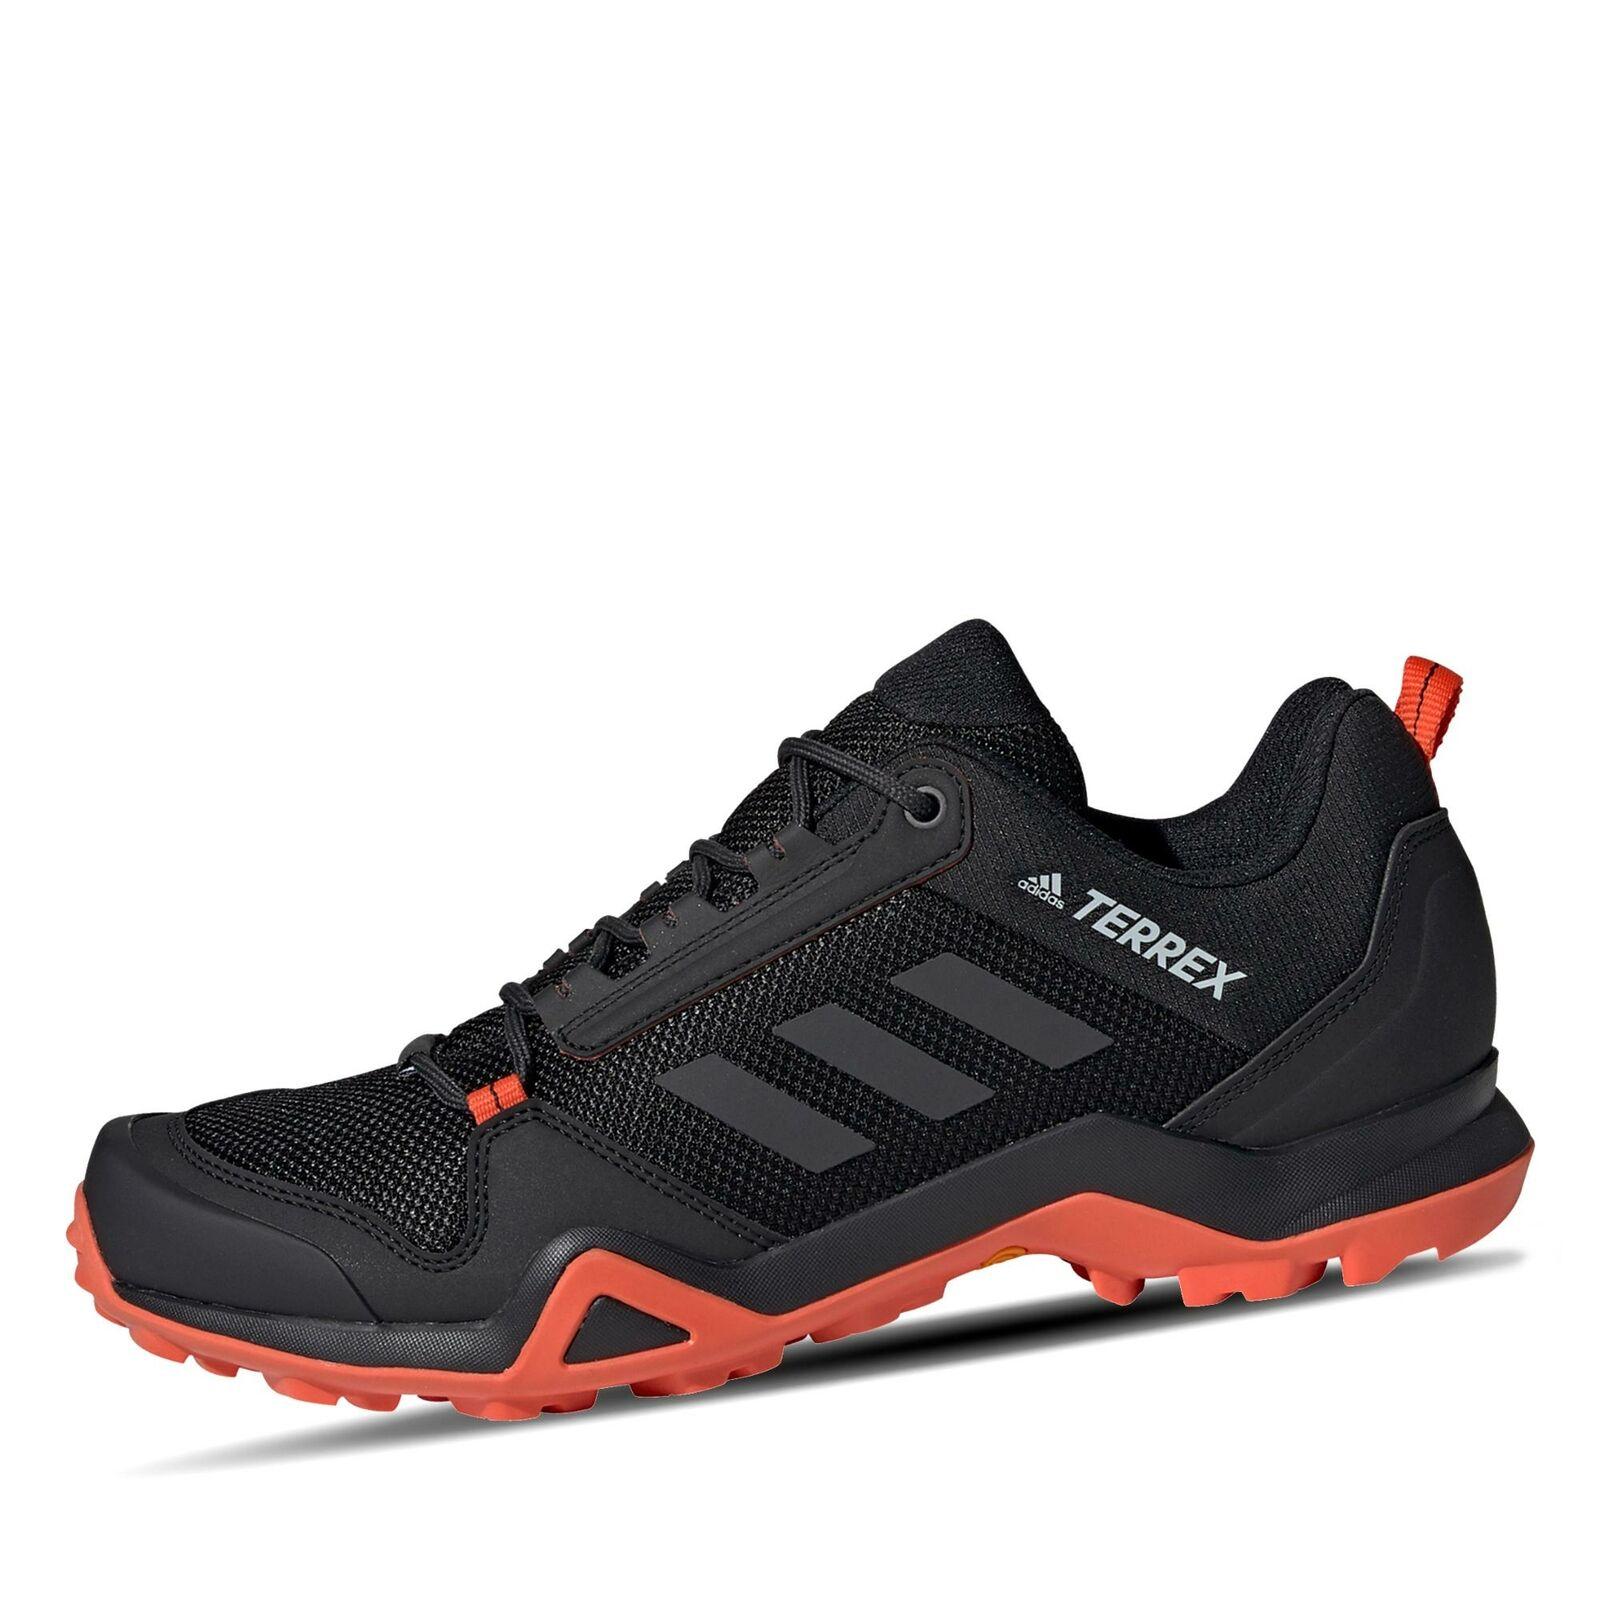 Adidas Terrex AX3 Herren Outdoorschuh Sporschuhe Freizeit Schuhe schwarz Orange